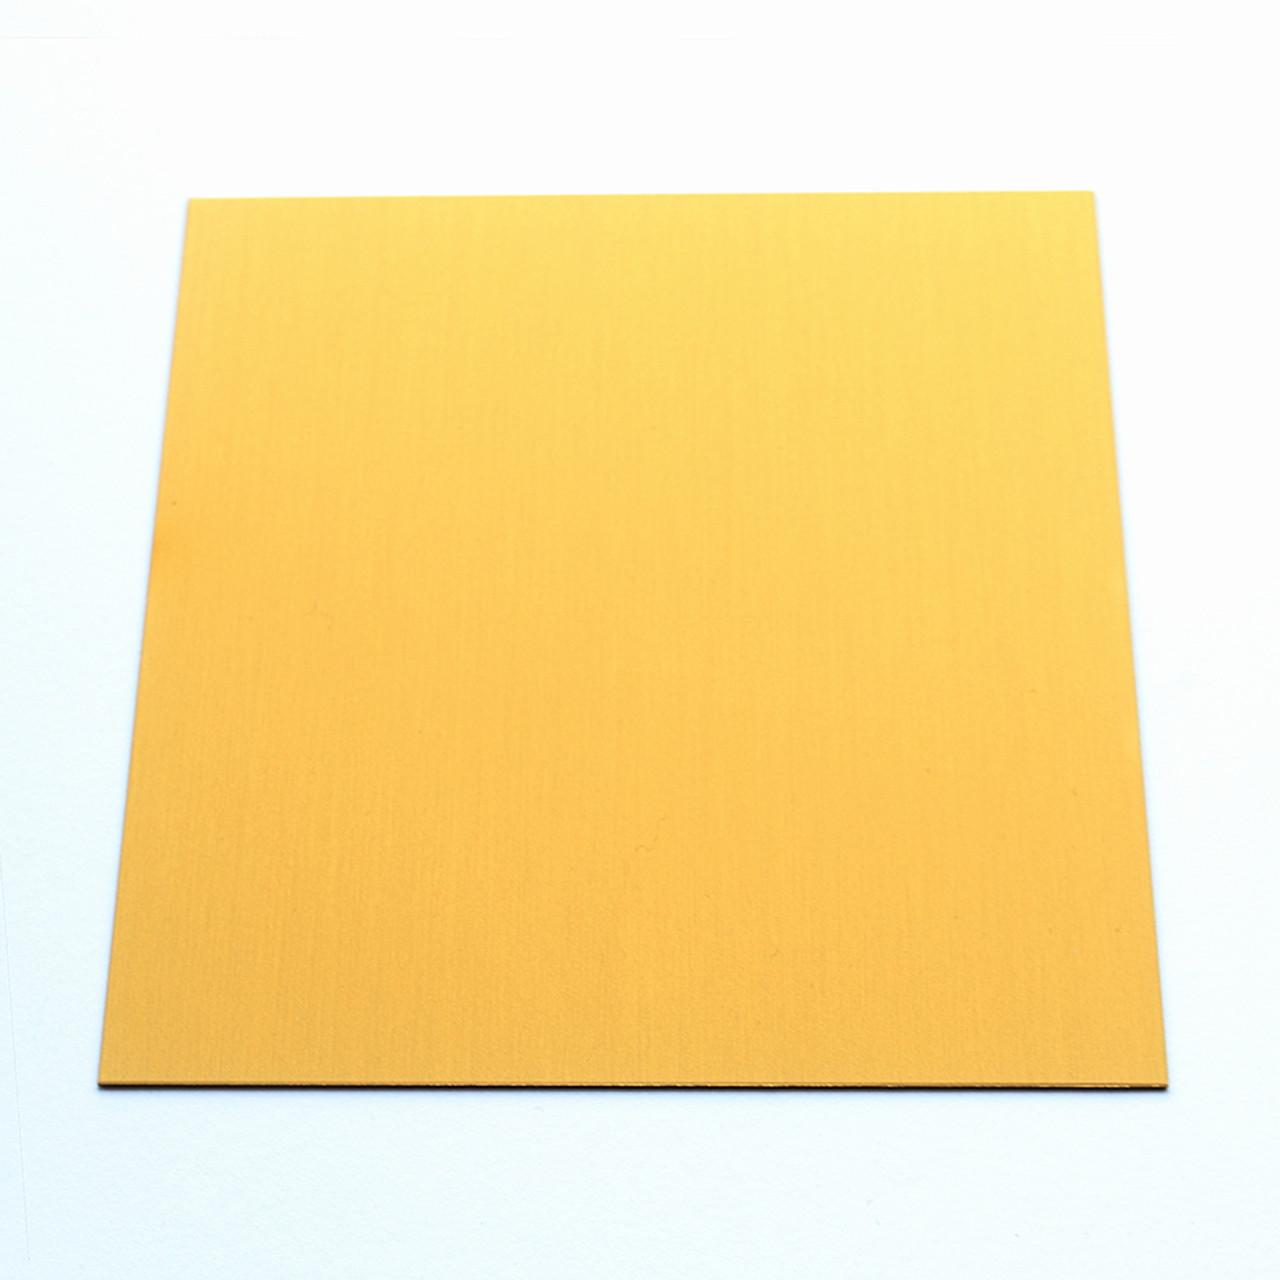 Anodised Aluminium Sheet, Gold